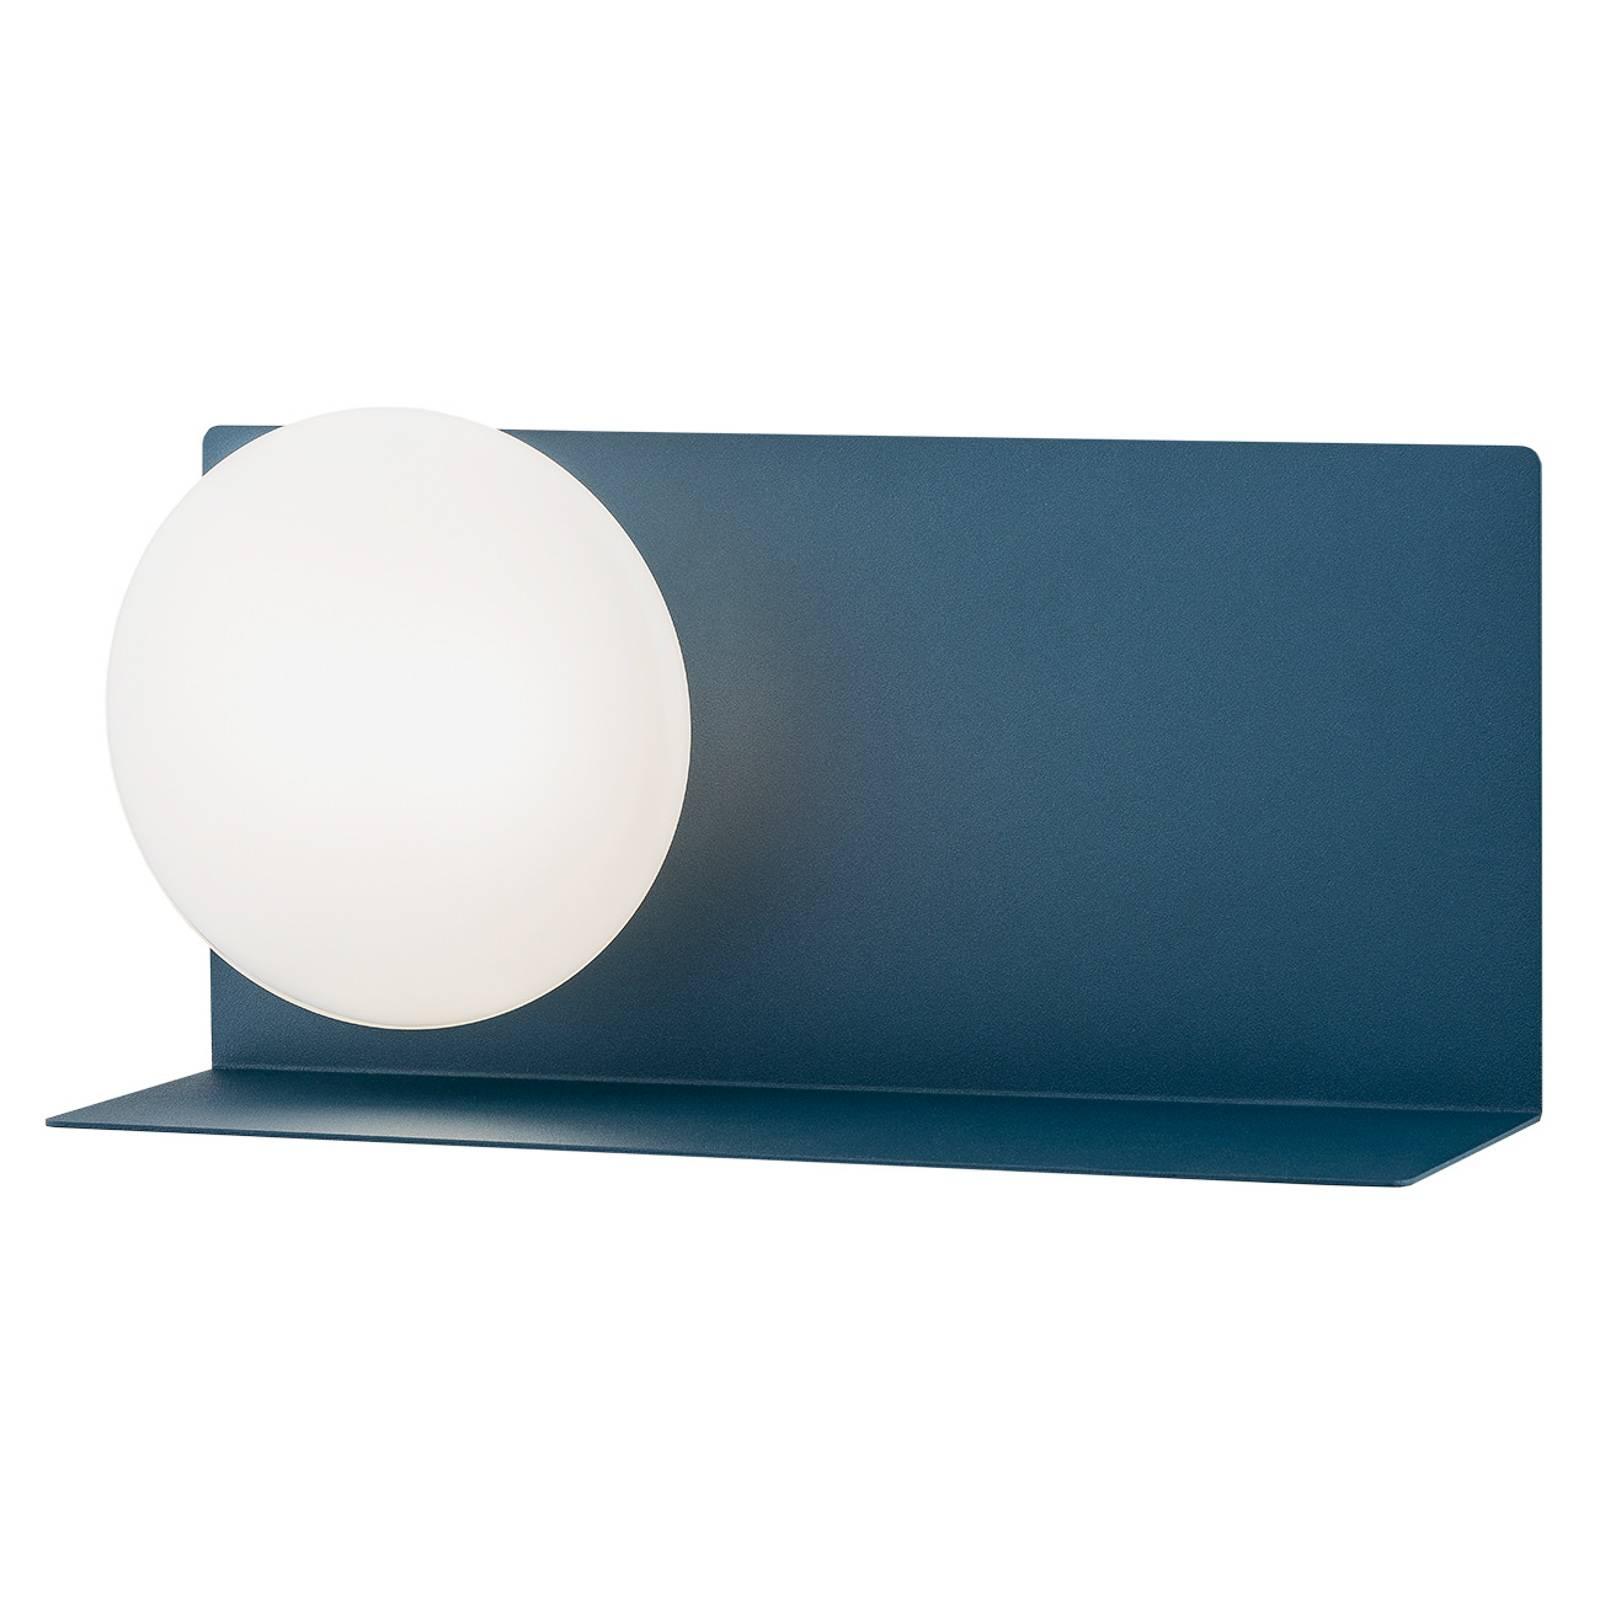 LED-seinälamppu Clark lasivarjostimella, sininen